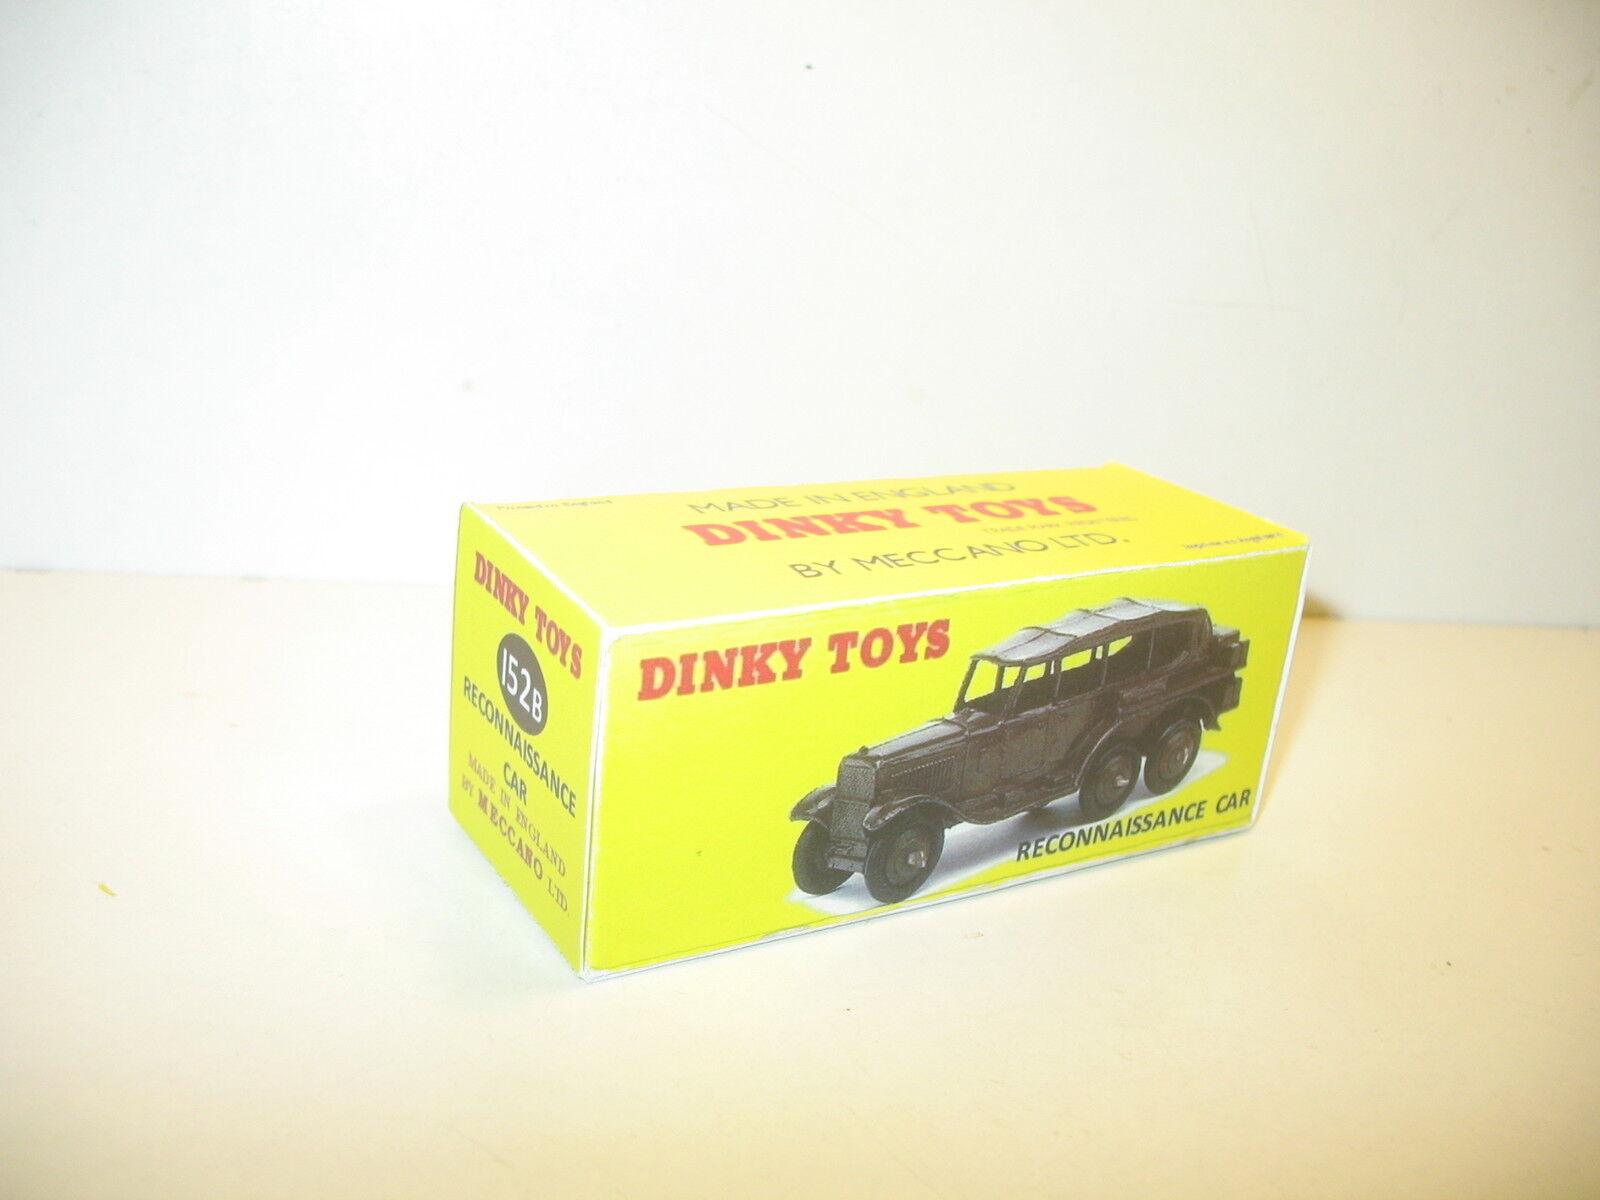 N94, Schachtel repro Anerkennung CAR 152 B dinky toys Militär